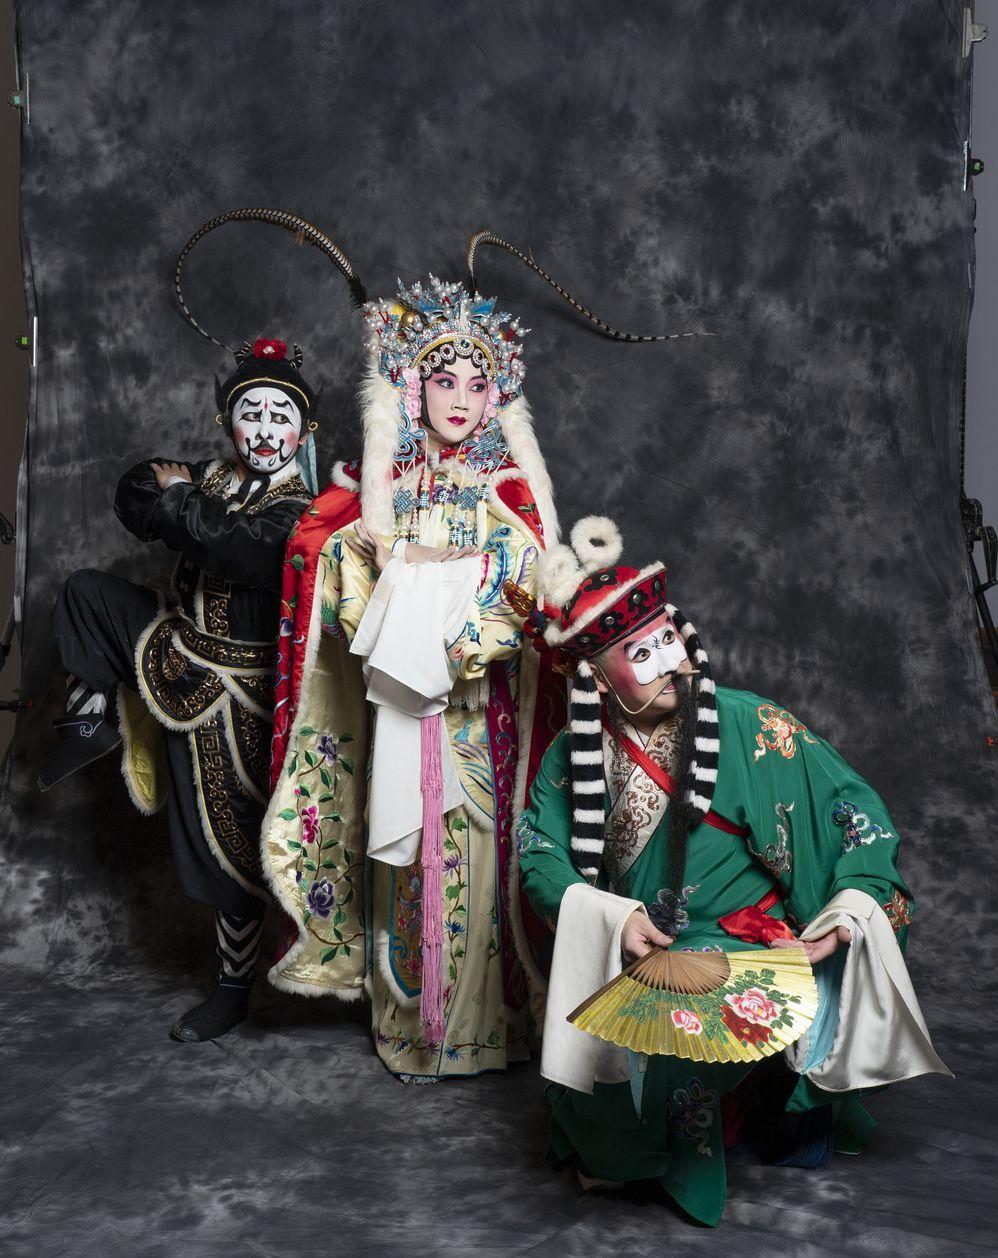 「昭君出塞」曾被禁,昭君得自願和番才能重新登上舞台。 圖/國光劇團提供